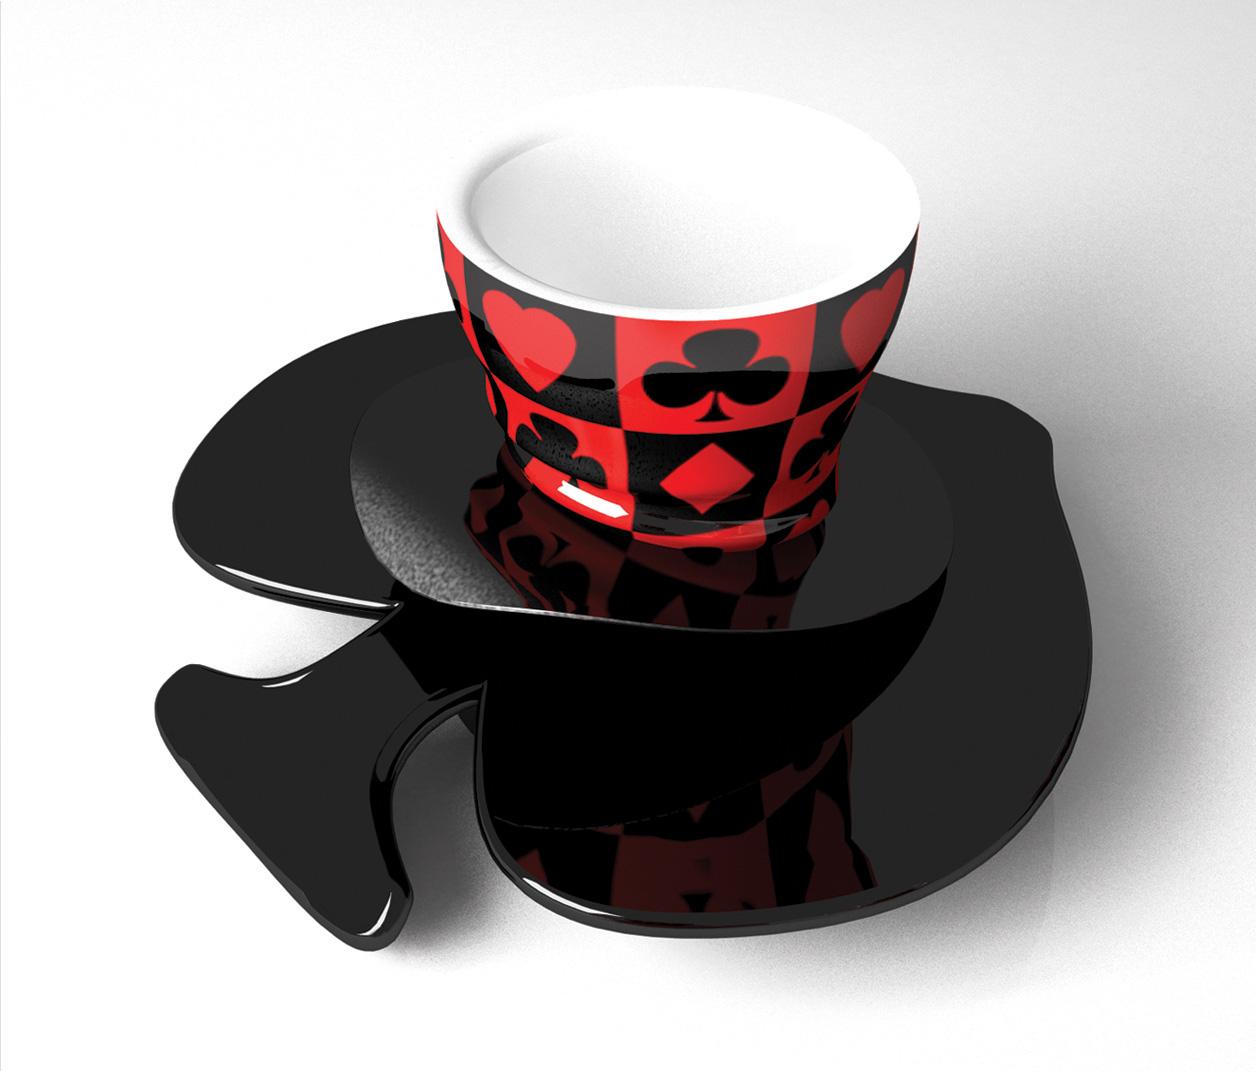 Product design set tazzine da caffè Mad Hatter - progettazione, modellazione 3D e rendering